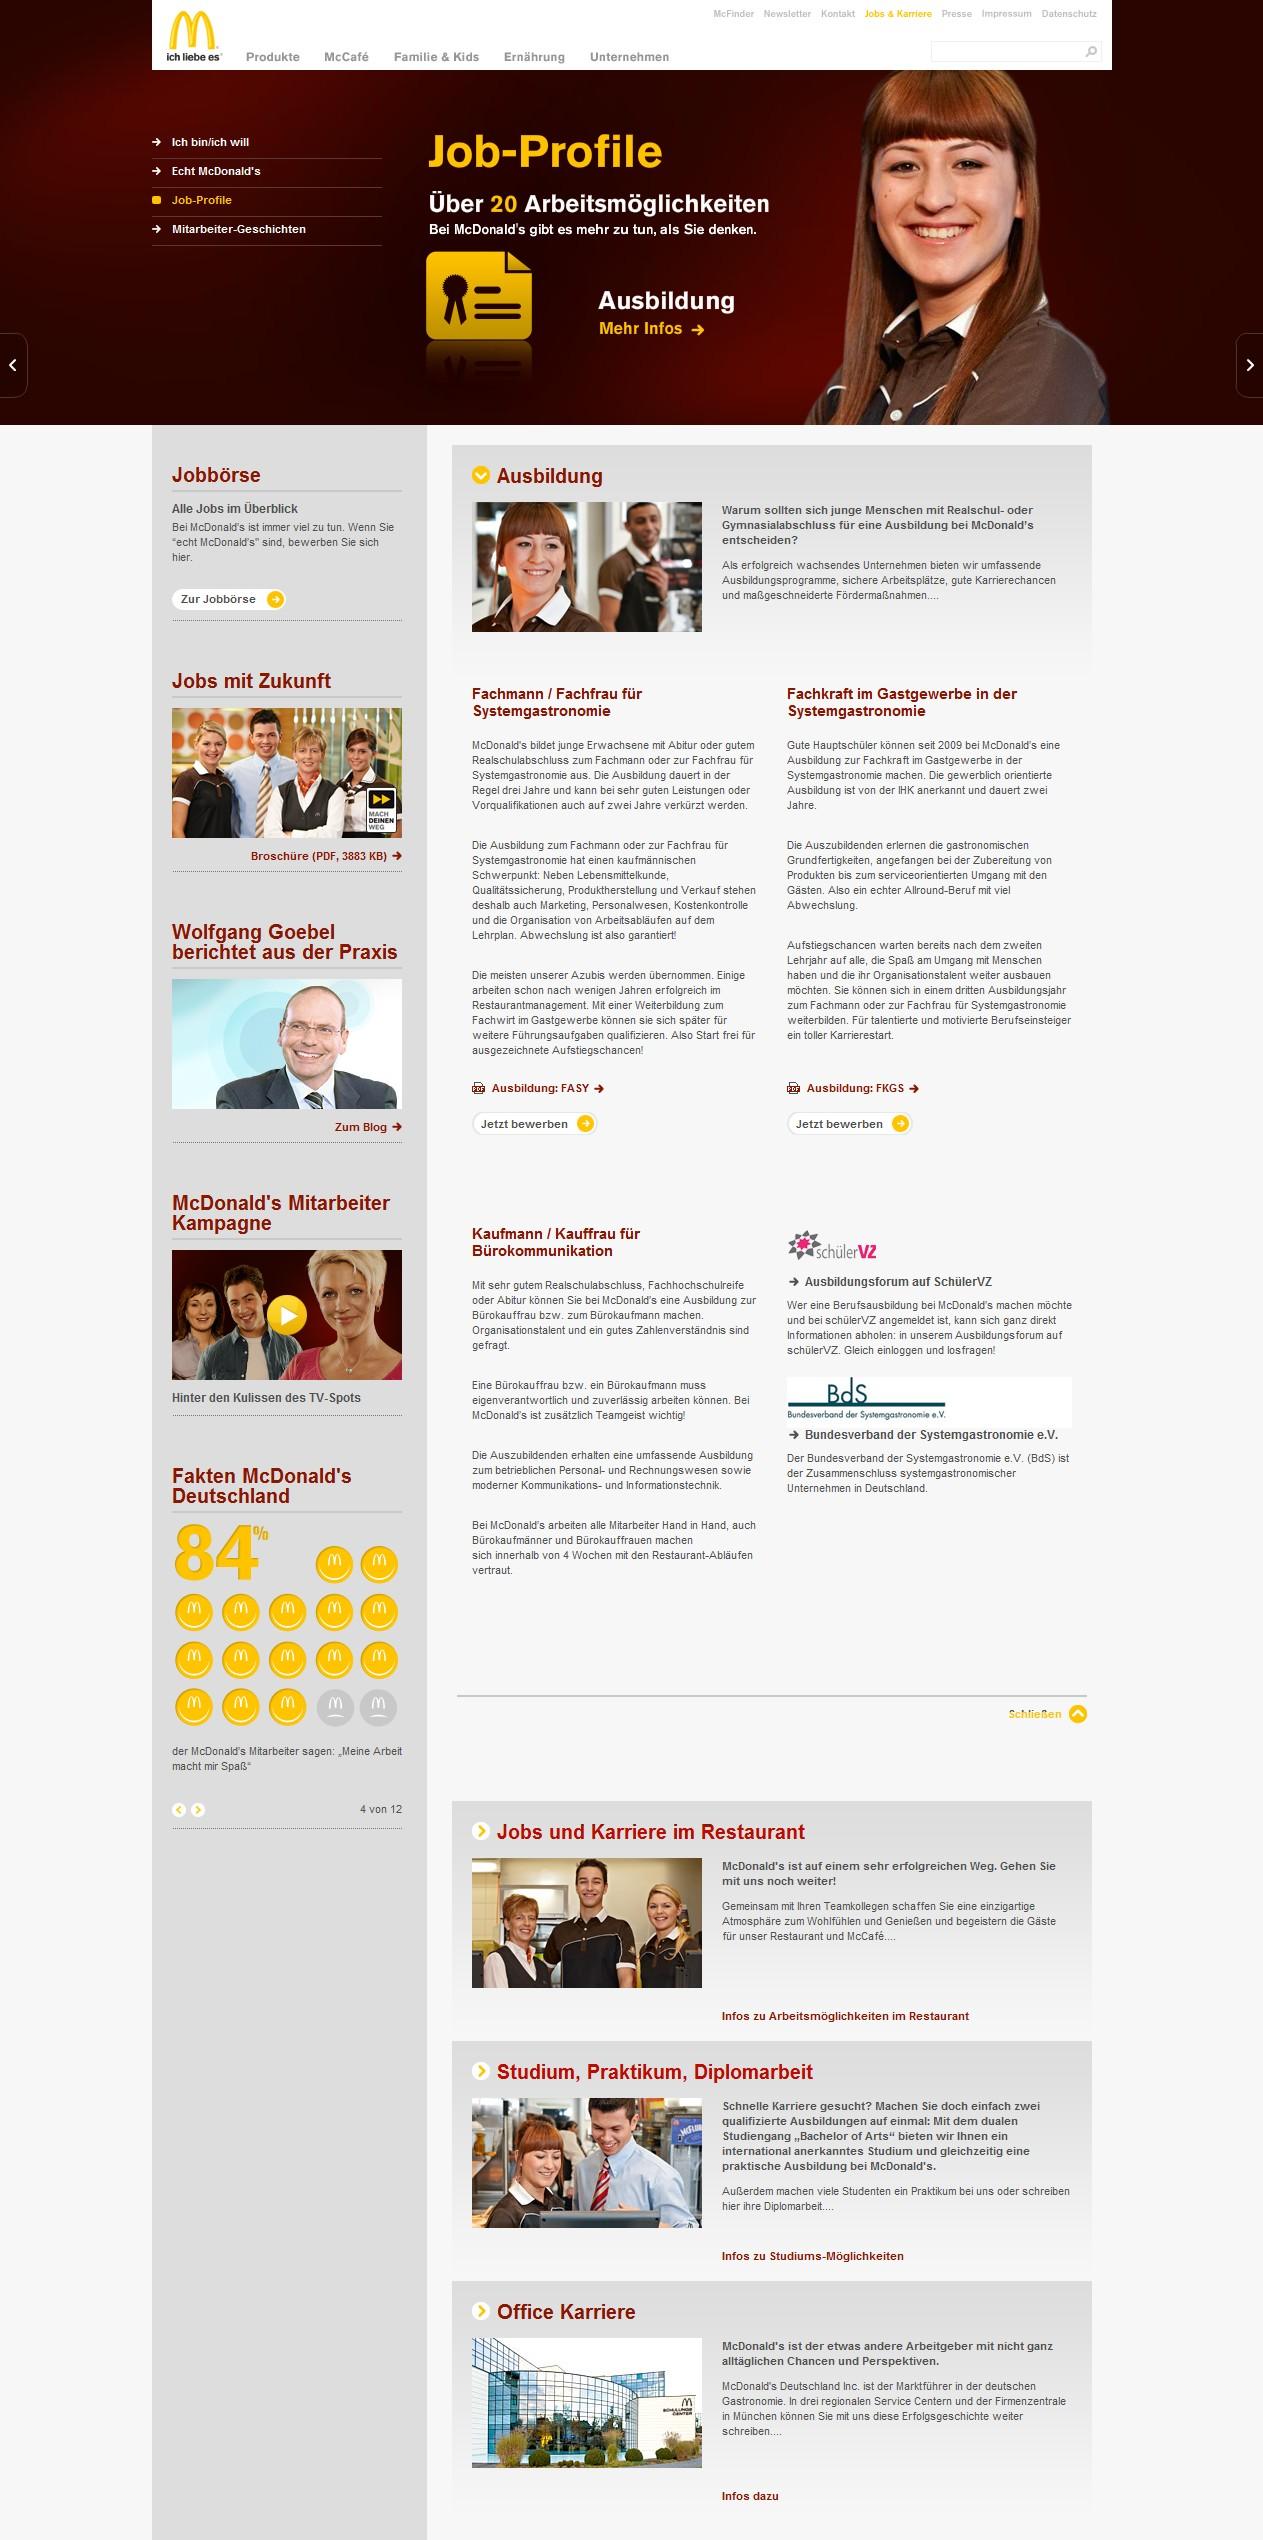 Der steinige Weg zur McDonalds-Bewerbung 4 - Um die Inhalte zu erfassen und bis zum Bewerbungslink hervorzustoßen, ist viel Scrollen erforderlich um Link zu erfassen